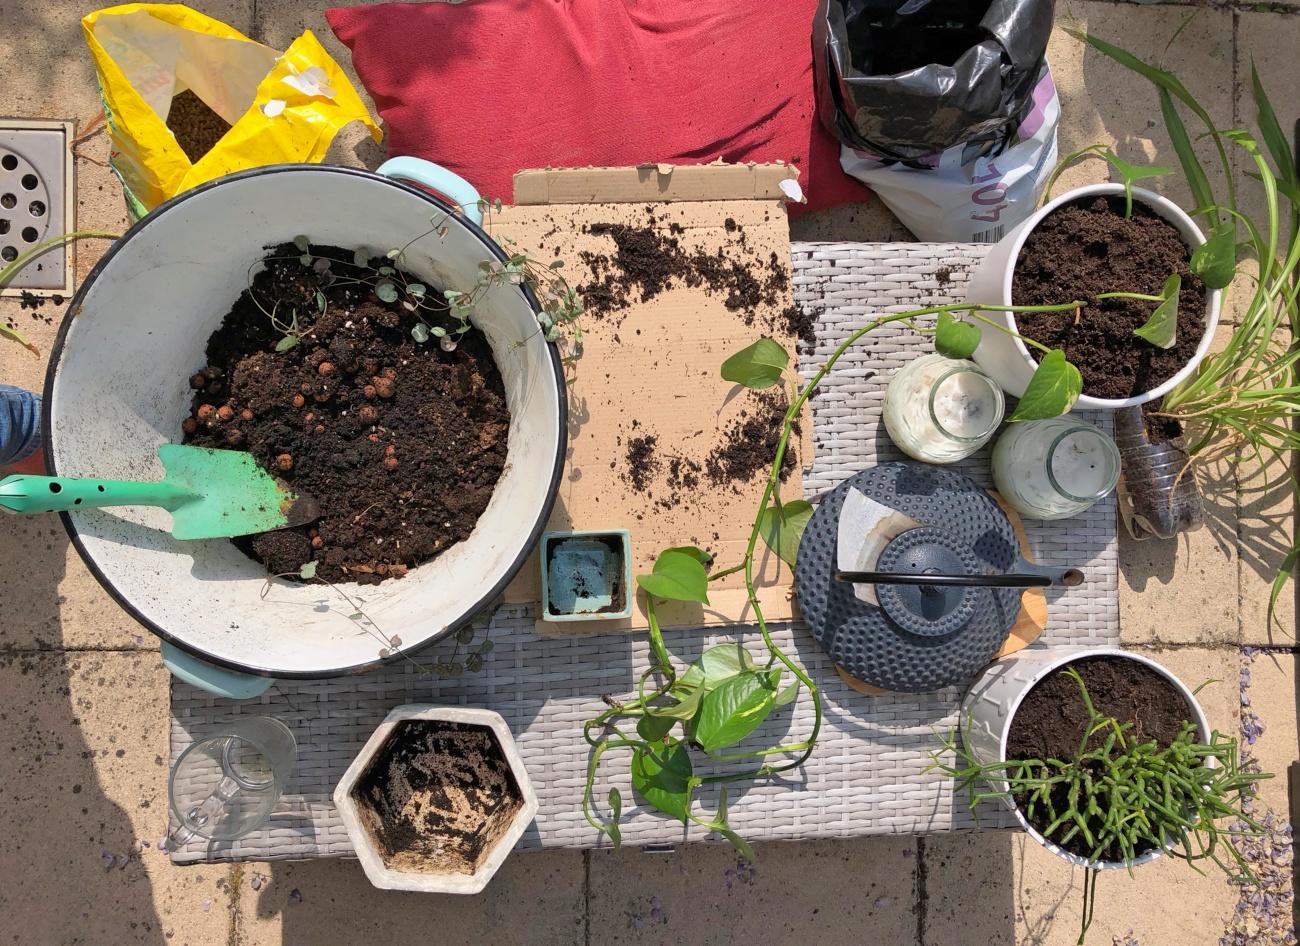 Rouwvliegjes Bestrijden In Planten Weg Met Die Zwarte Vliegjes